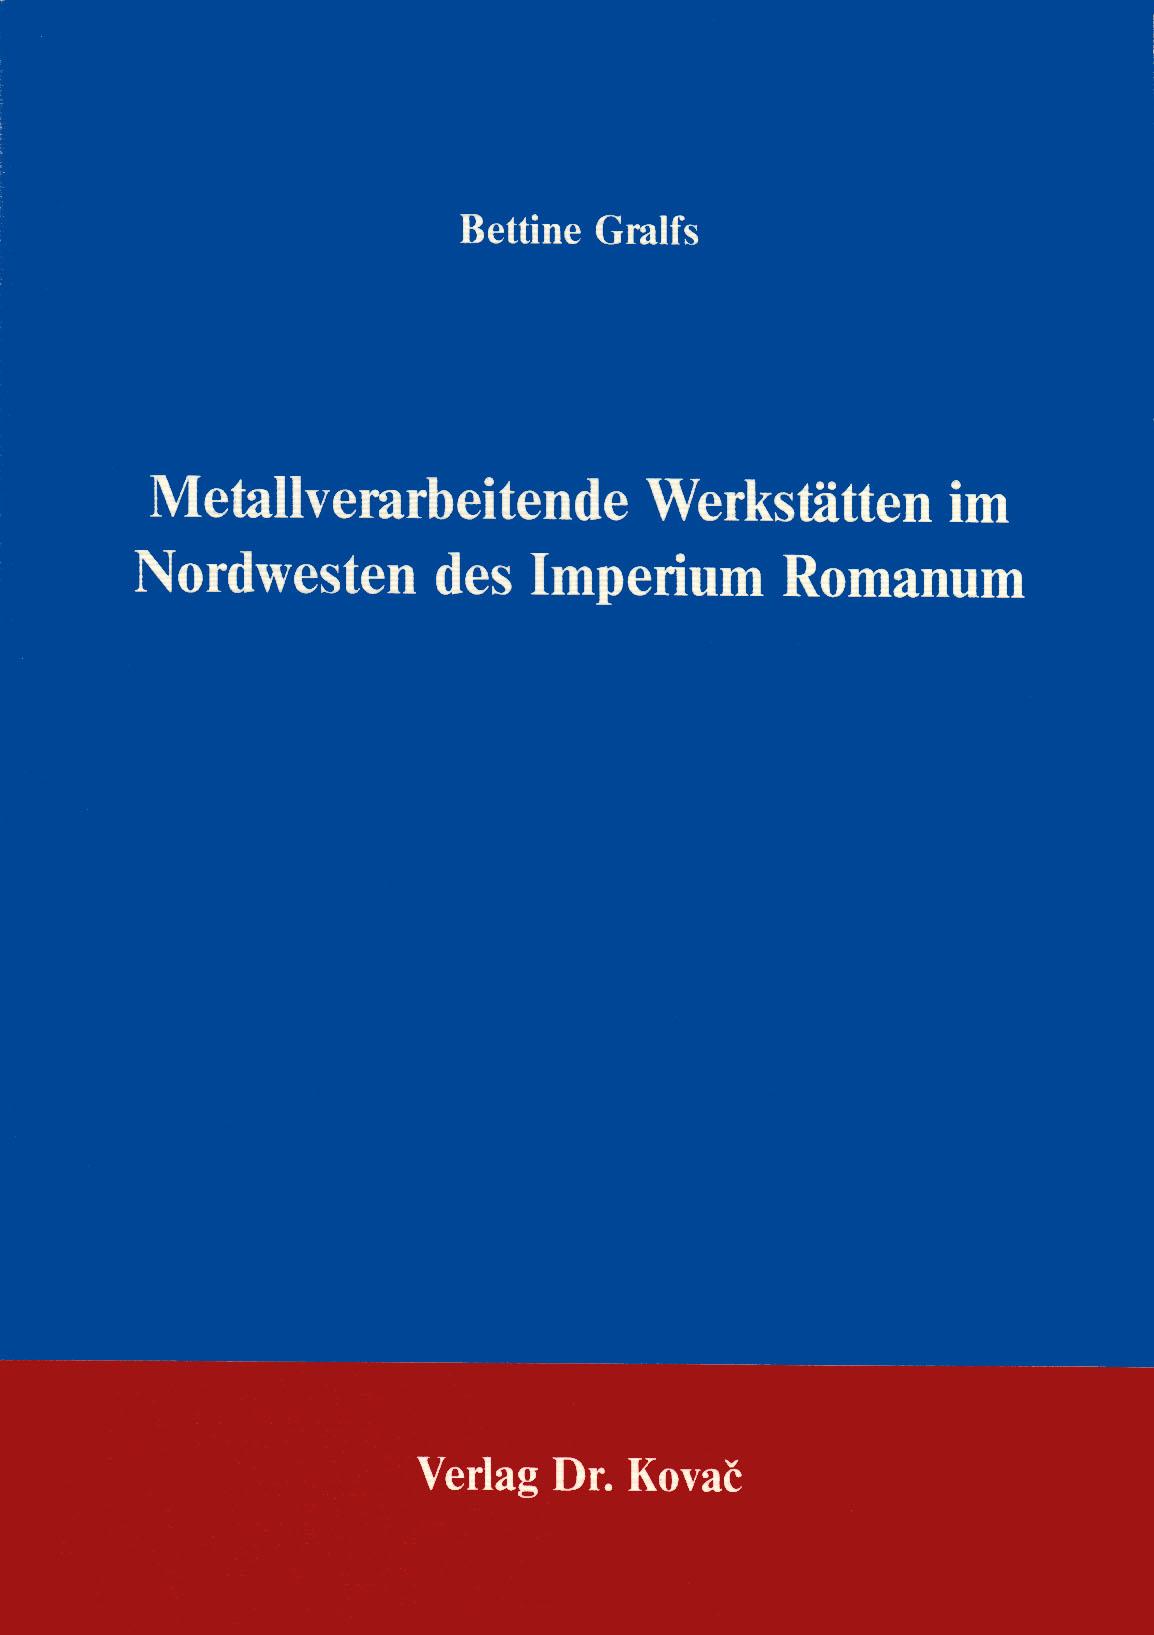 Cover: Metallverarbeitende Werkstätten im Nordwesten des Imperium Romanum